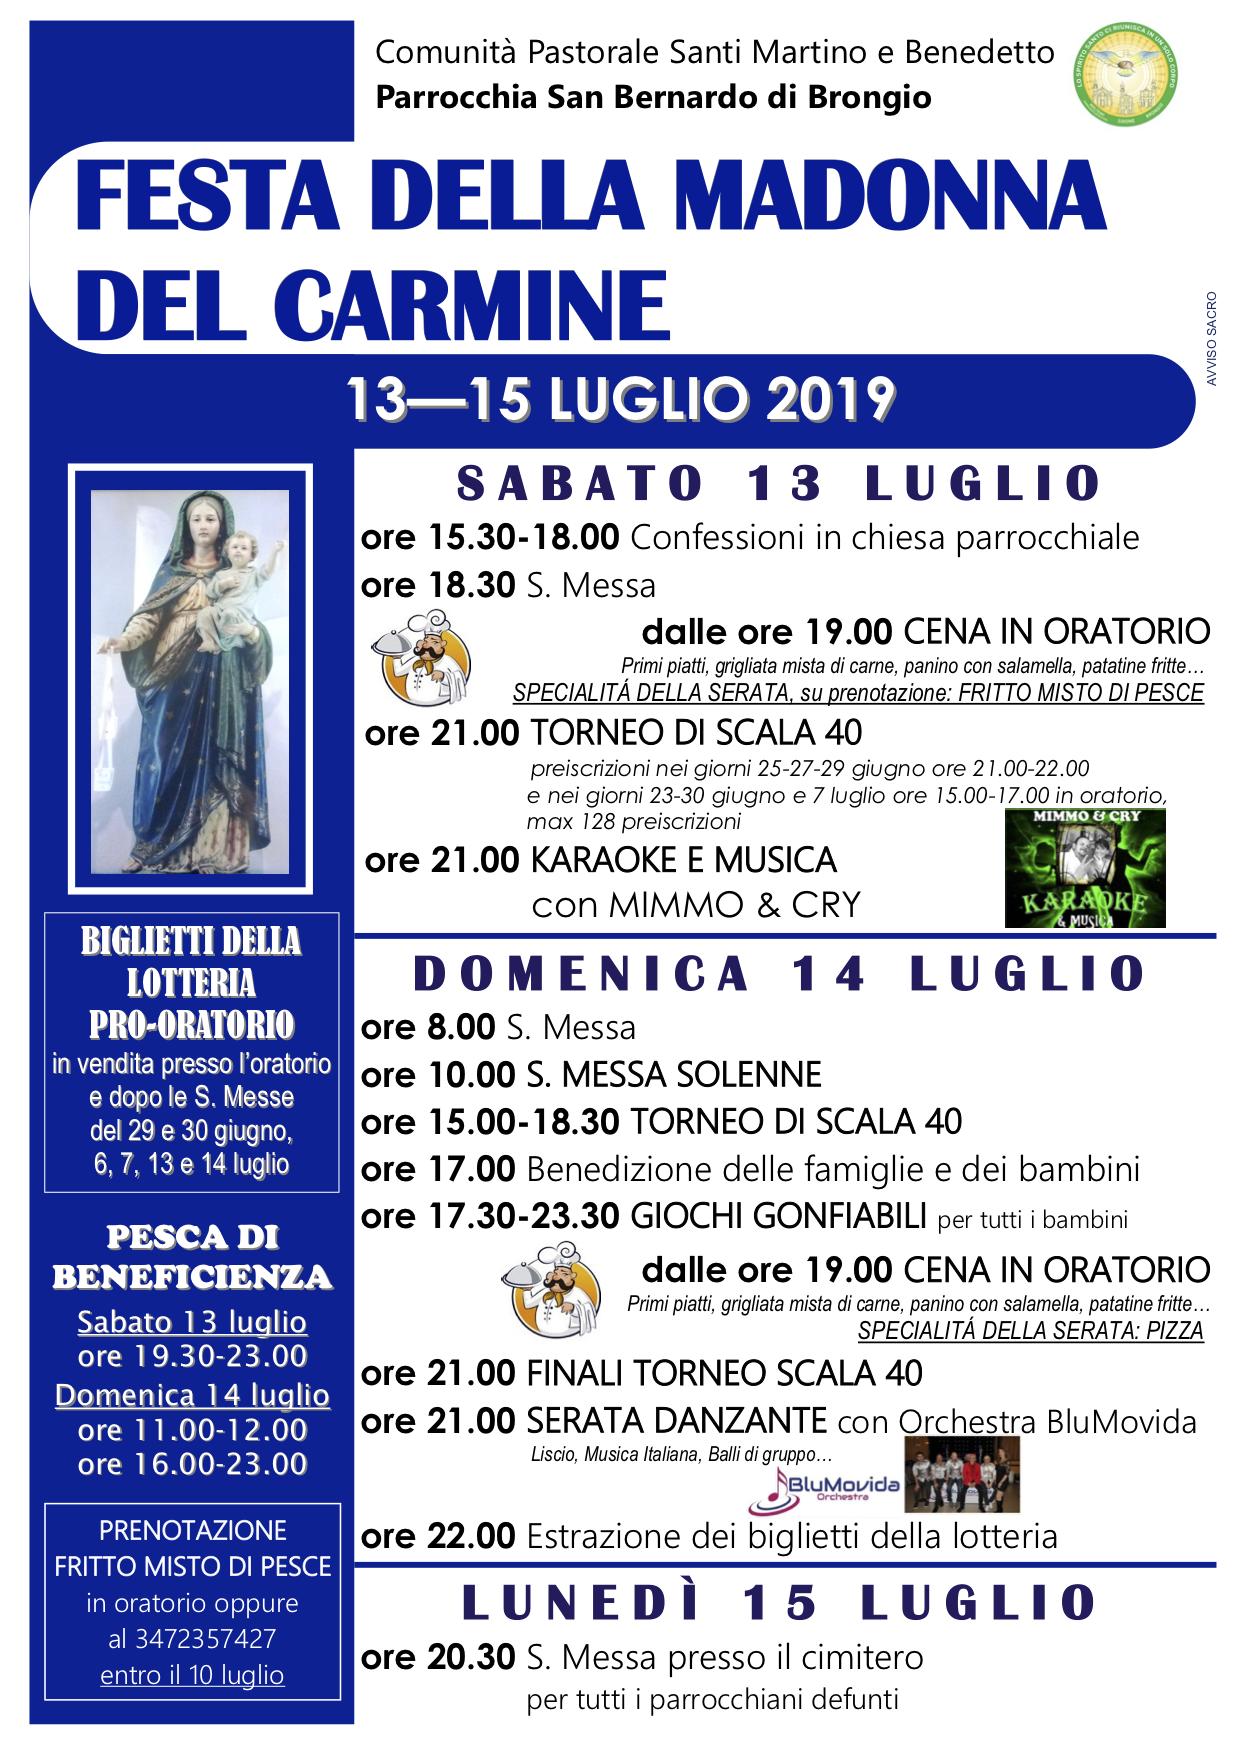 Festa della Madonna del Carmine 2019.png